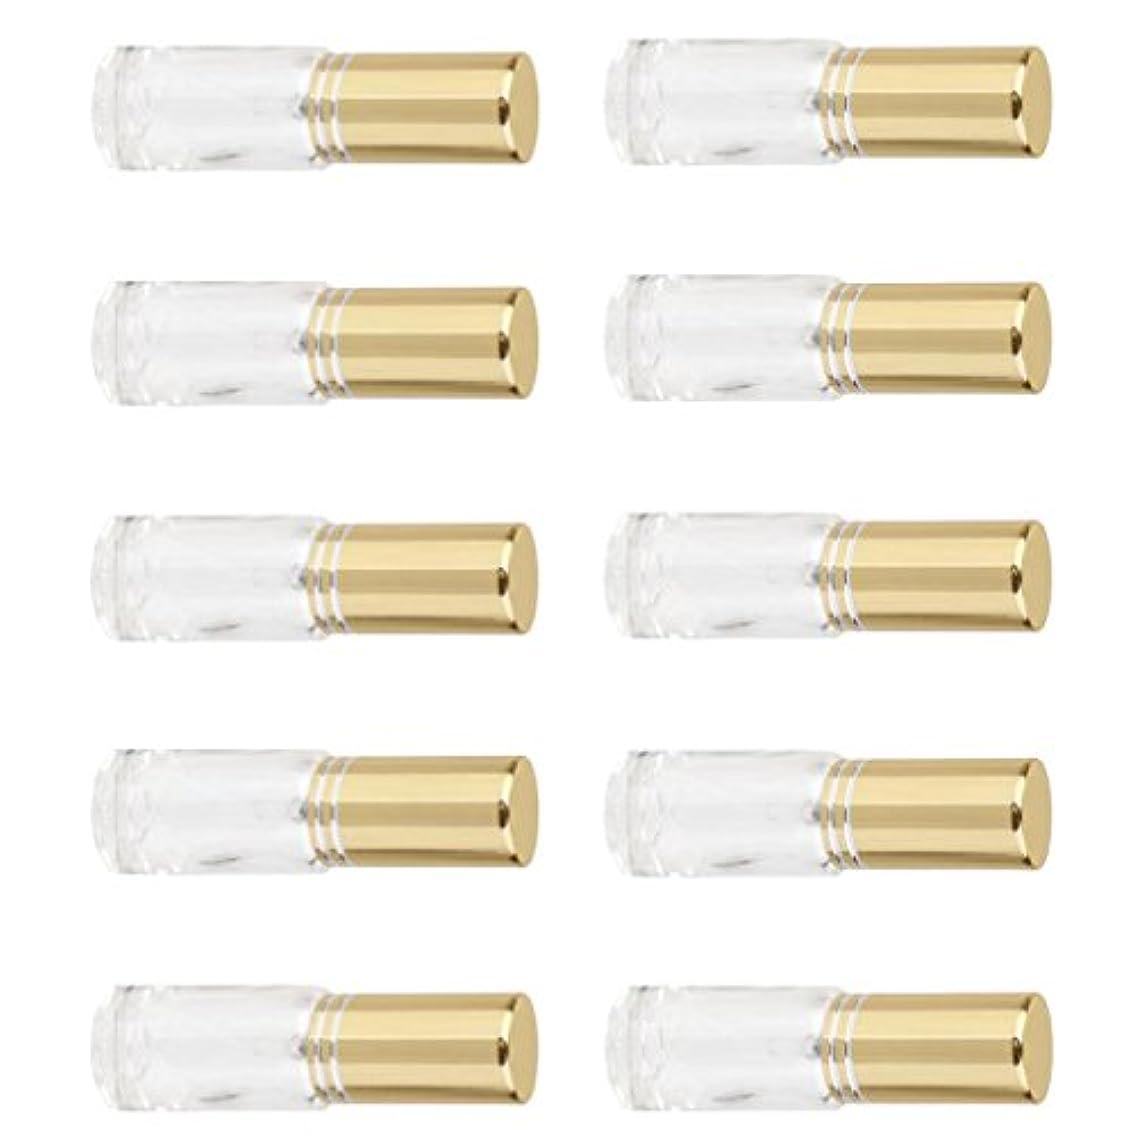 悲劇的なコスチューム学者SONONIA 10個 お買い得 男女兼用 5ml ミニ ガラス 詰め替え可能 香水 空き瓶 アトマイザー ポンプ スプレー 香水瓶 容器